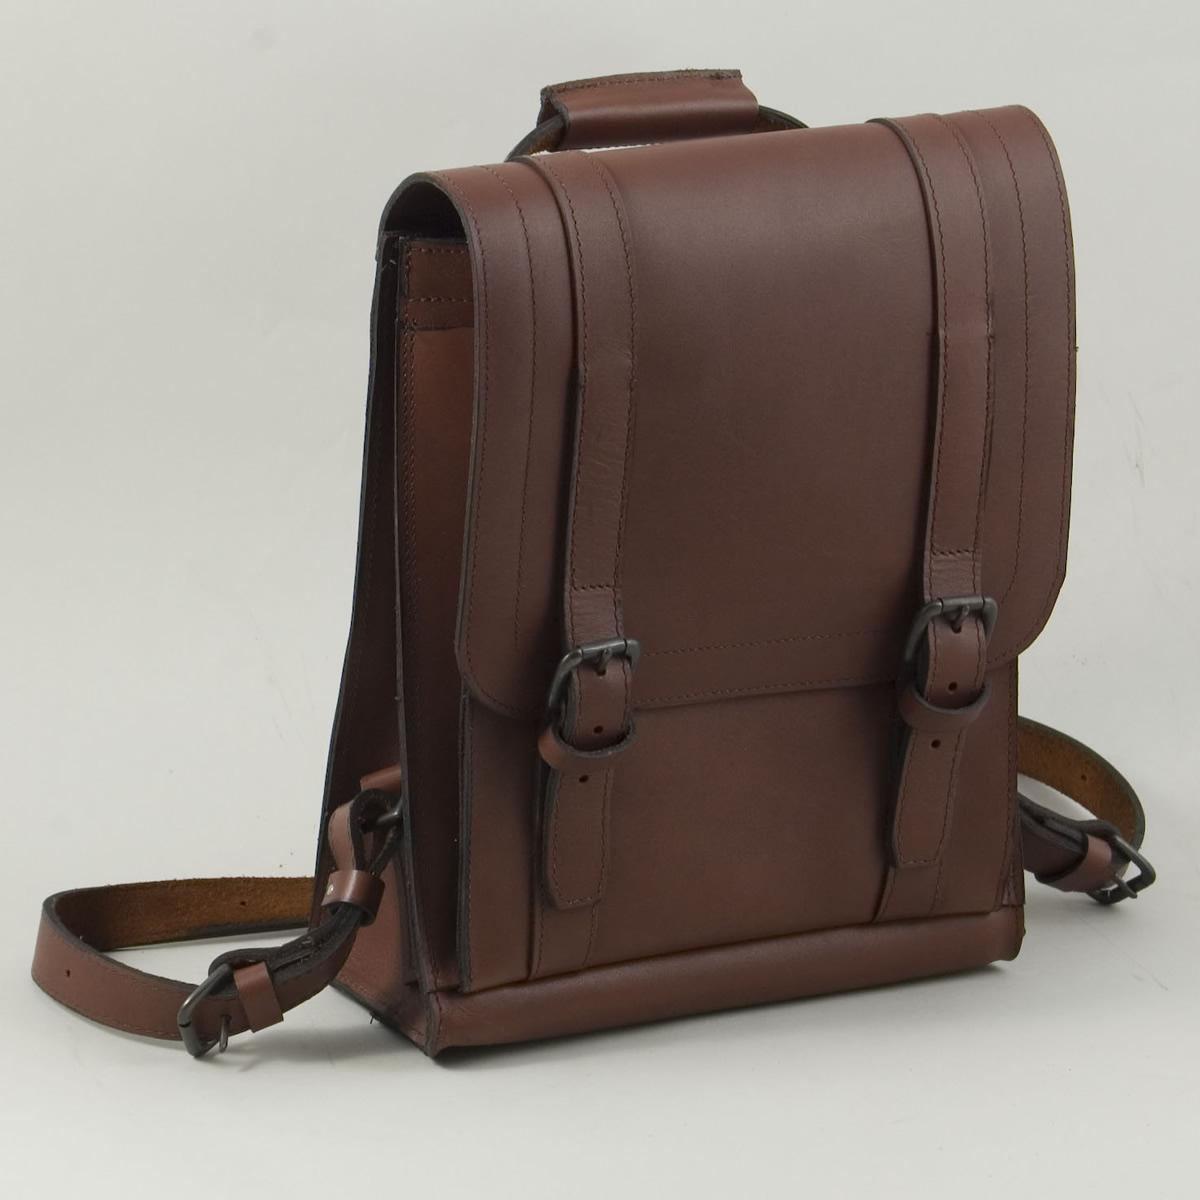 Small Bookbag